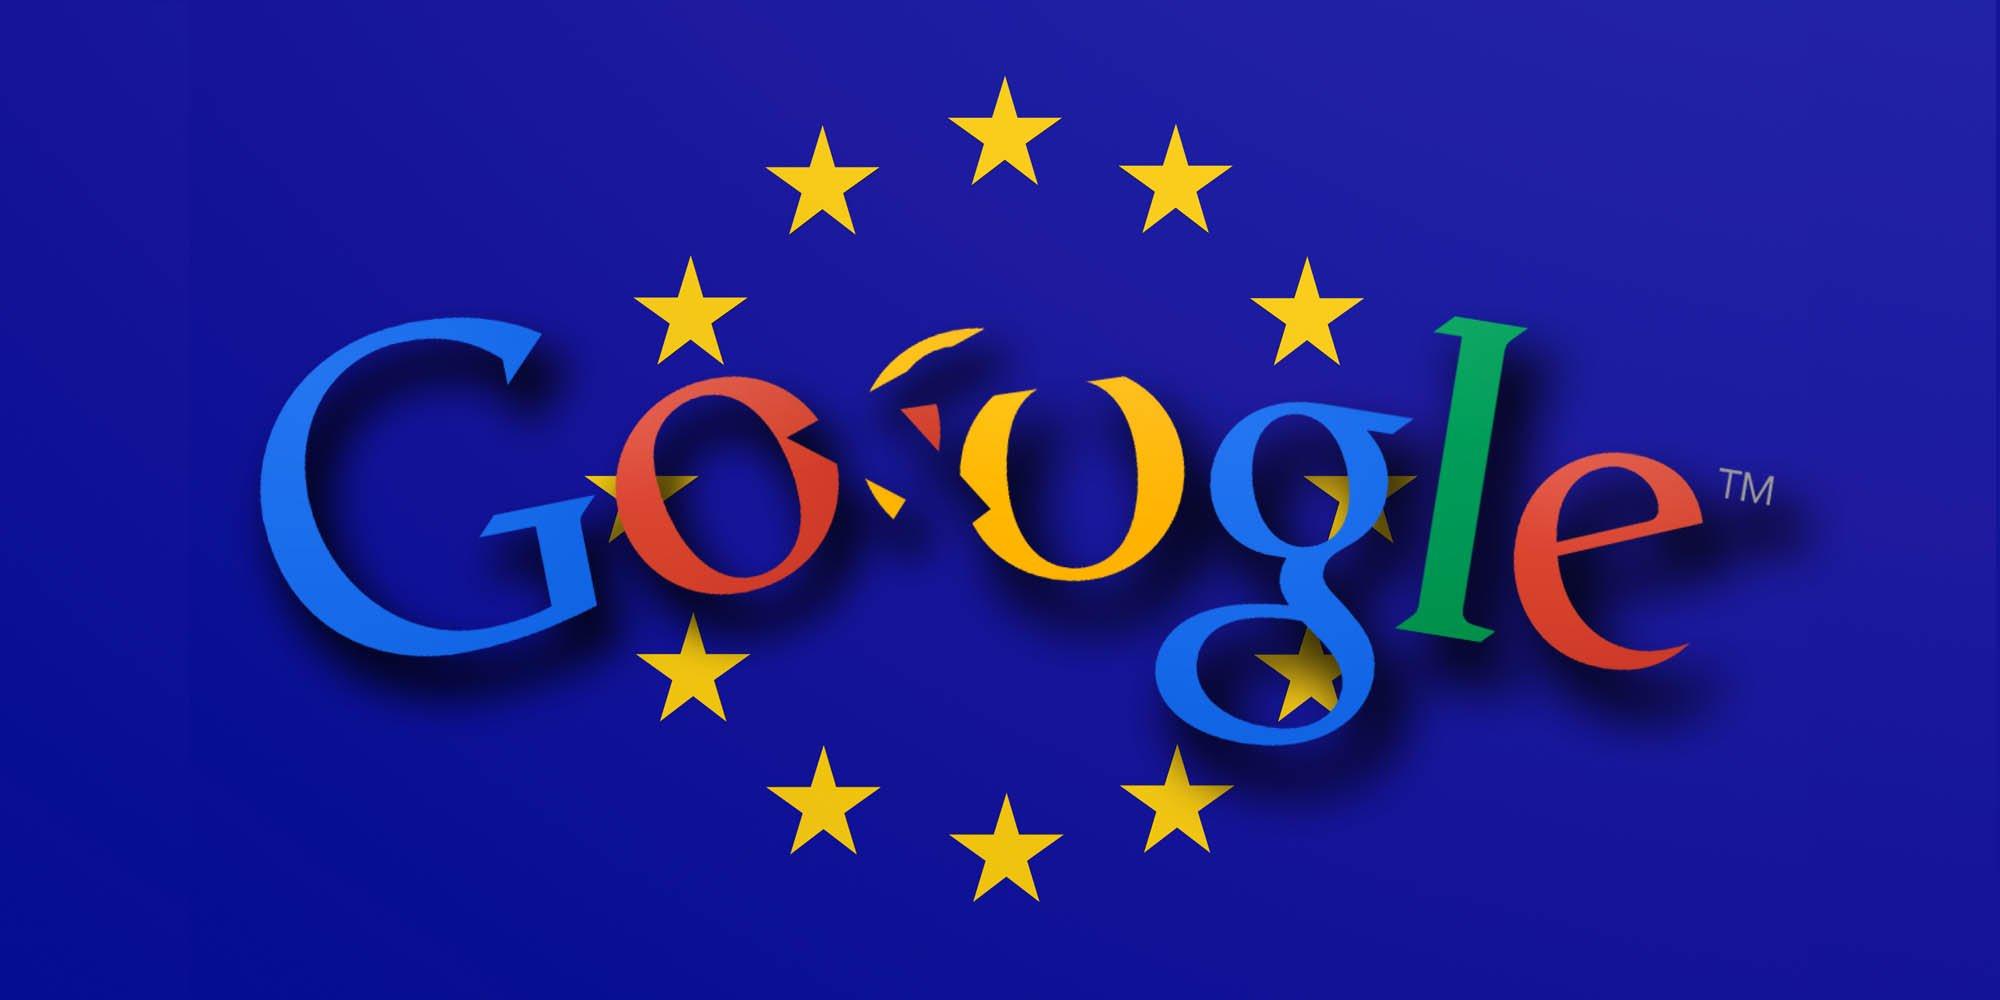 Google: новый закон о цифровых услугах в ЕС затормозит рост экономики